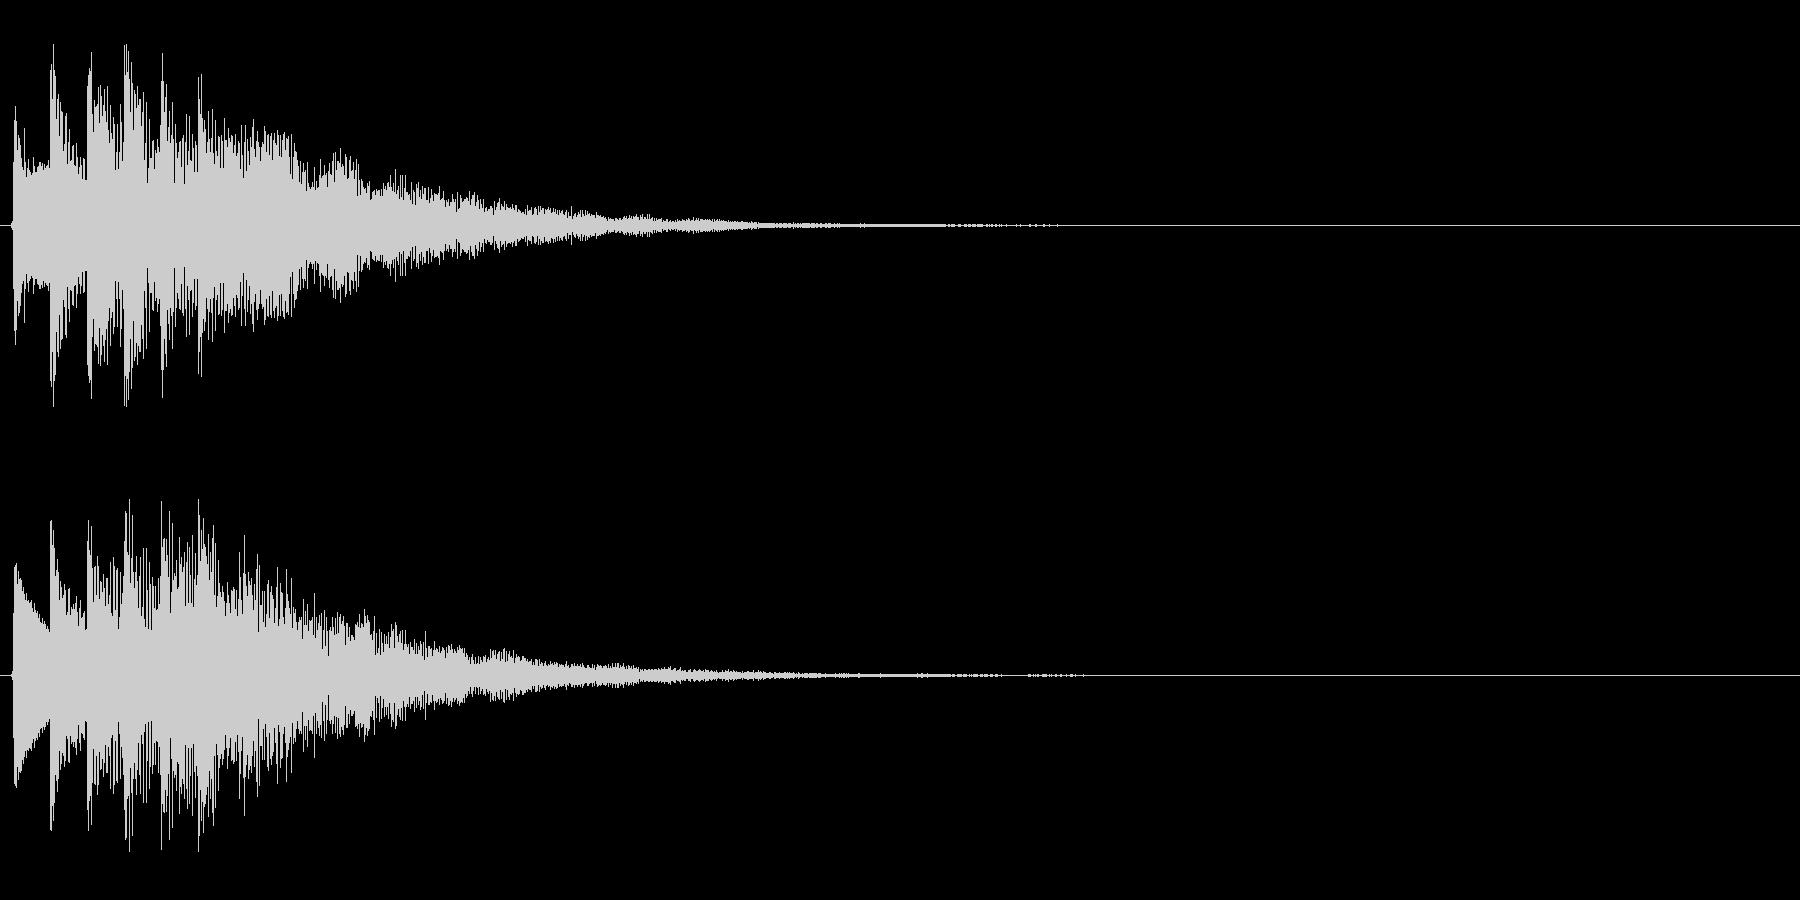 タララララン↑(場面転換、上昇)の未再生の波形